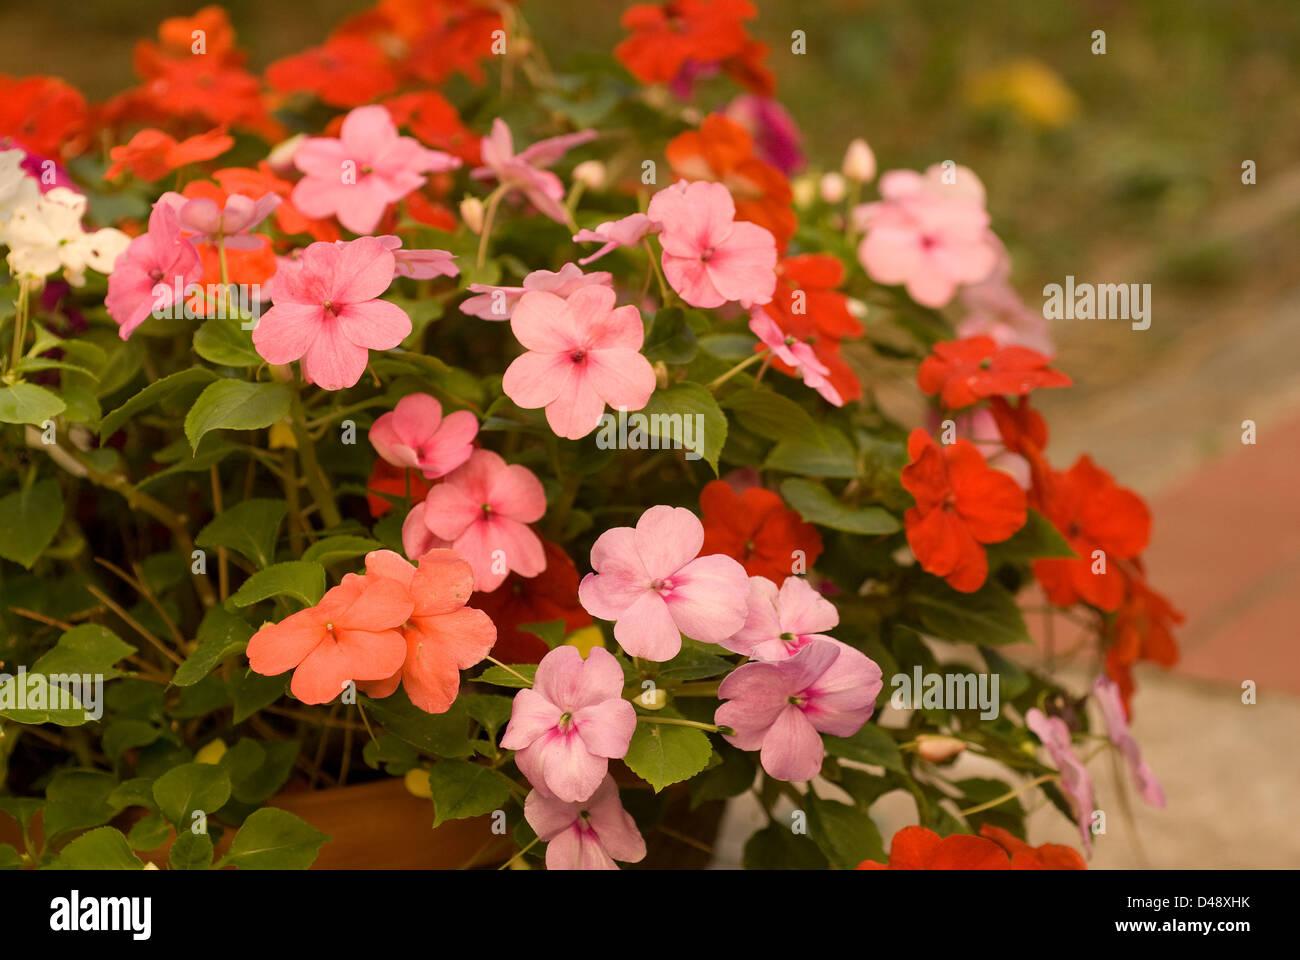 Garden Impatiens, Patient Lucy Impatiens walleriana, Balsaminaceae - Stock Image